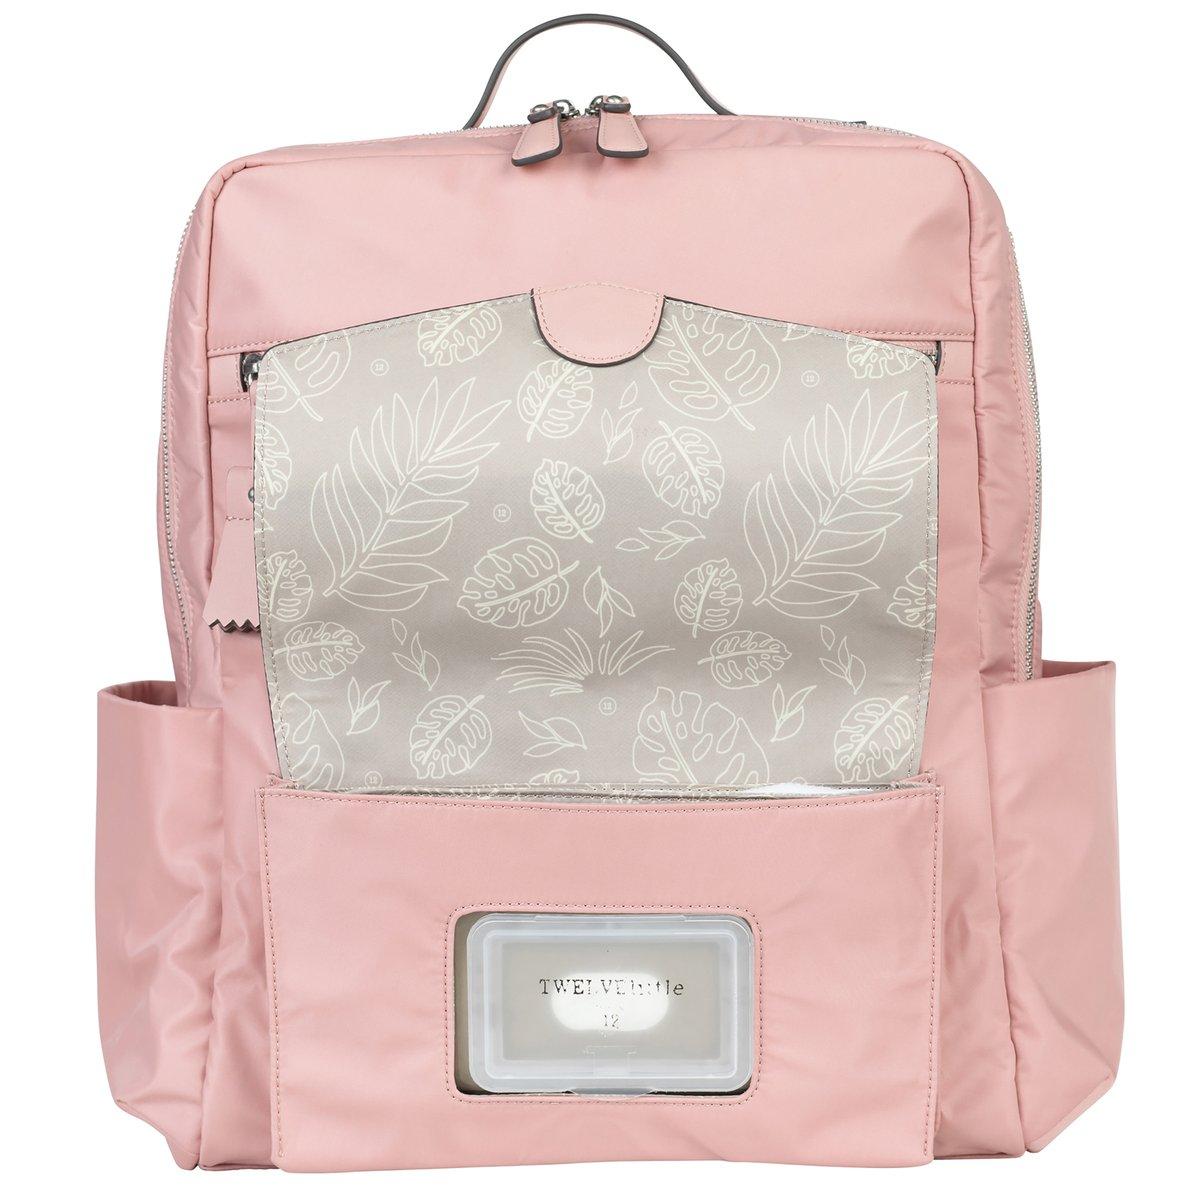 Twelvelittle Peek A Boo Backpack Diaper Bag Blush Pink